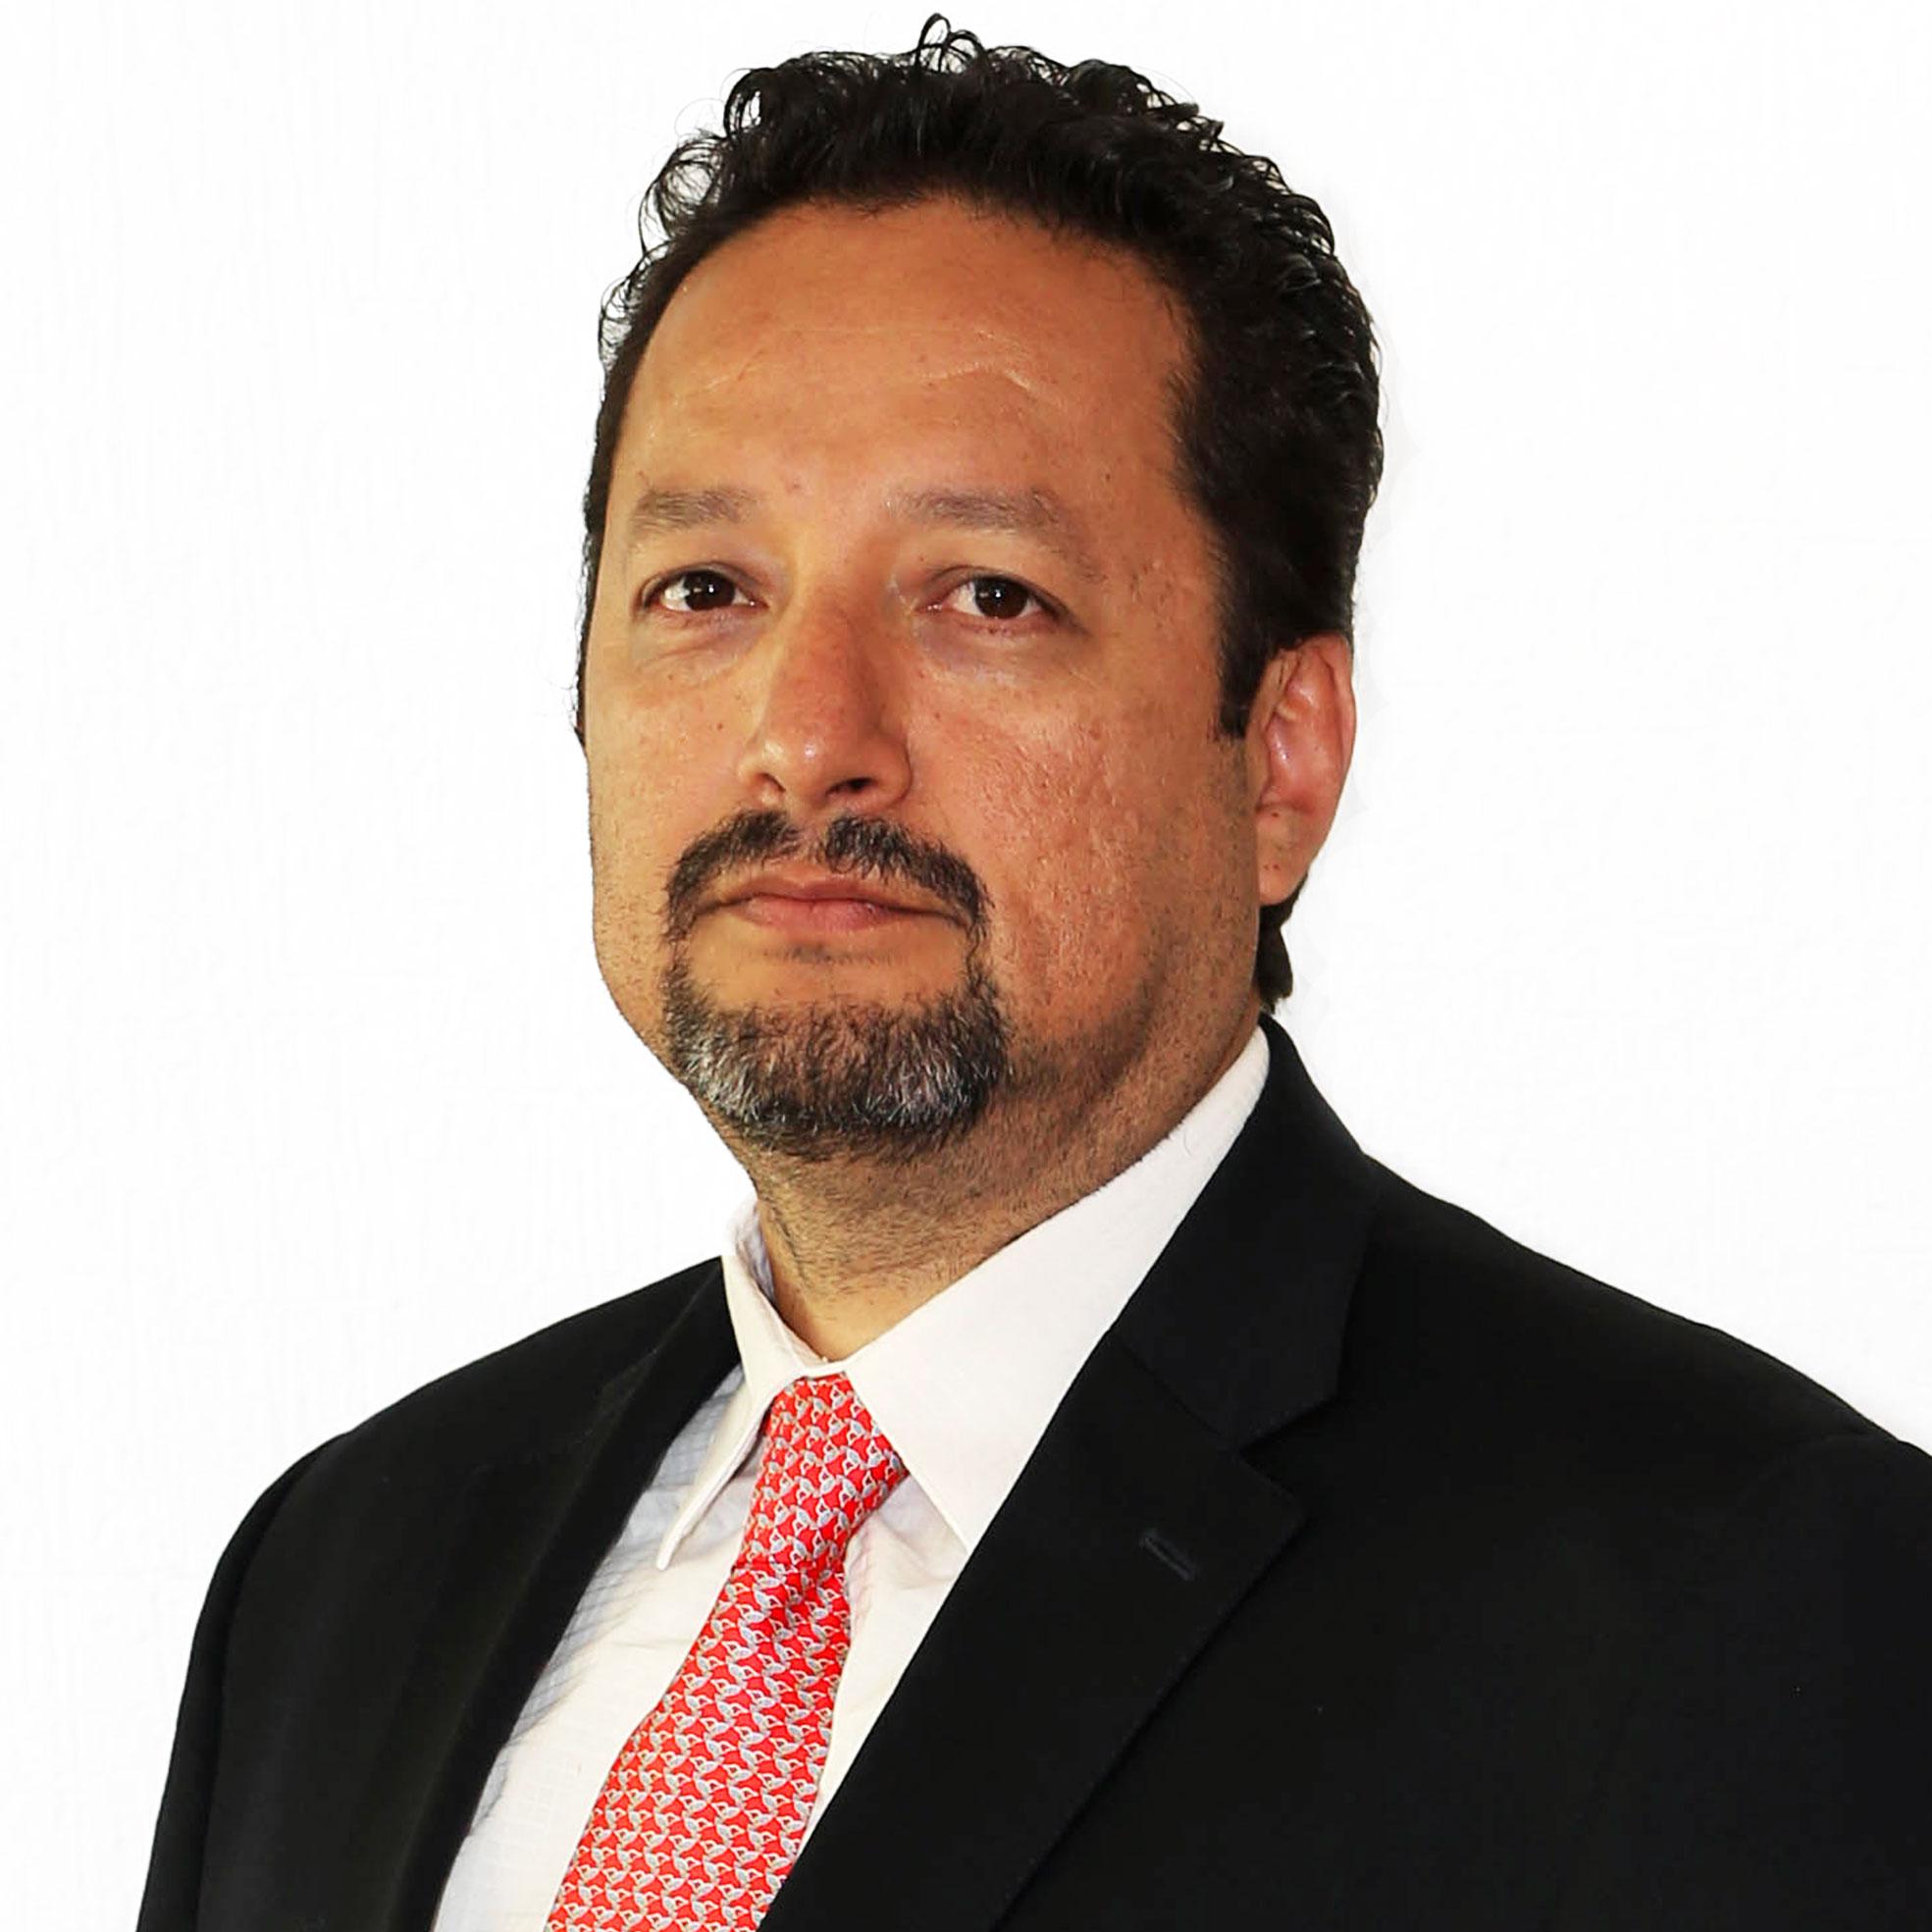 Alonso Israel Lira Salas Titular de la Subprocuraduría Especializada en Investigación de Delincuencia Organizada